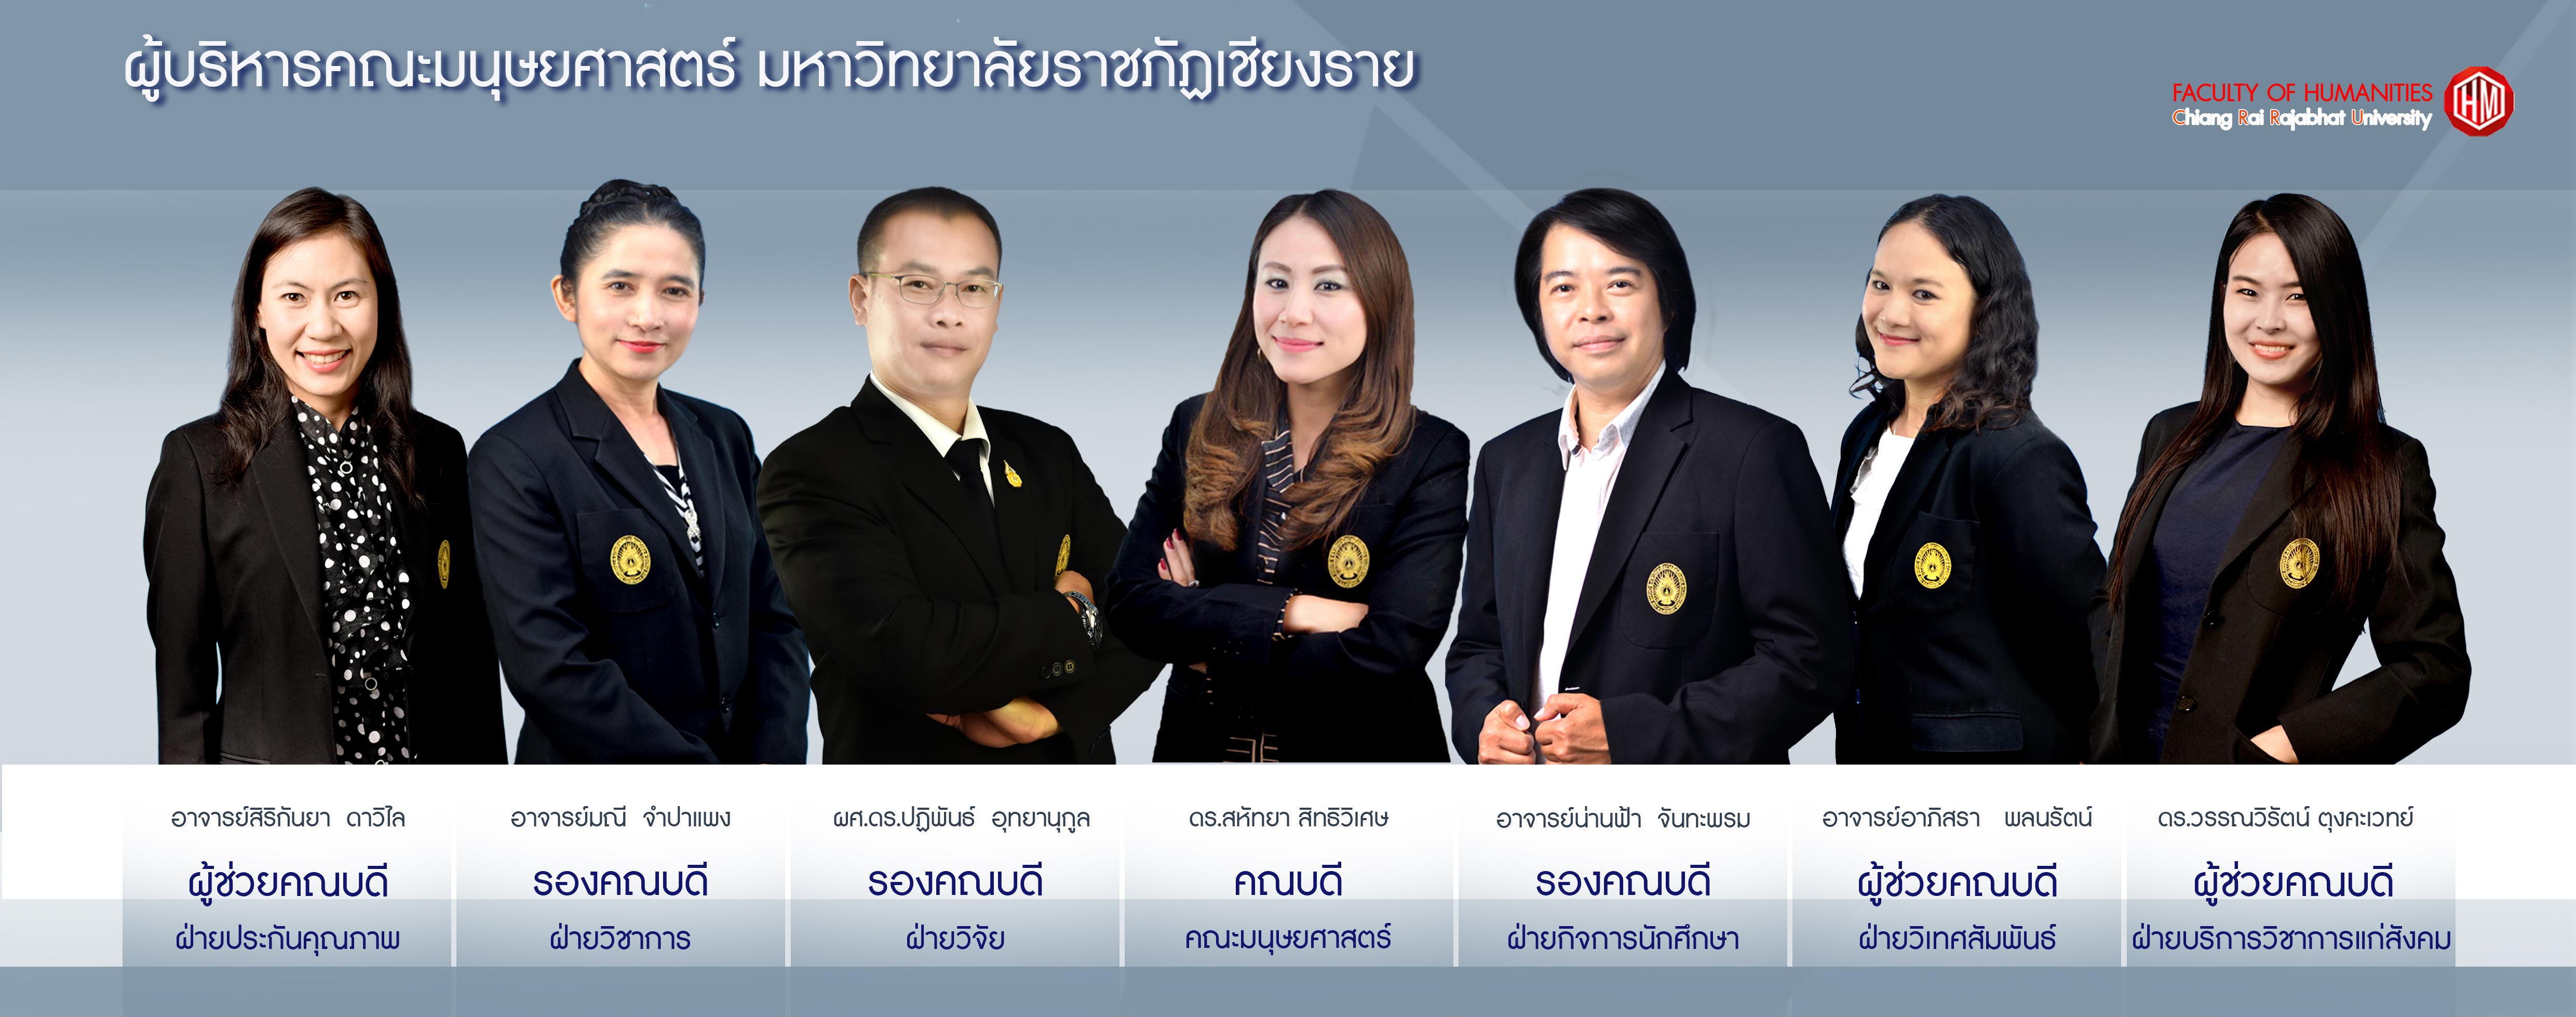 ประธานโปรแกรมและผู้อำนวยการศูนย์ มหาวิทยาลัยราชภัฏเชียงราย